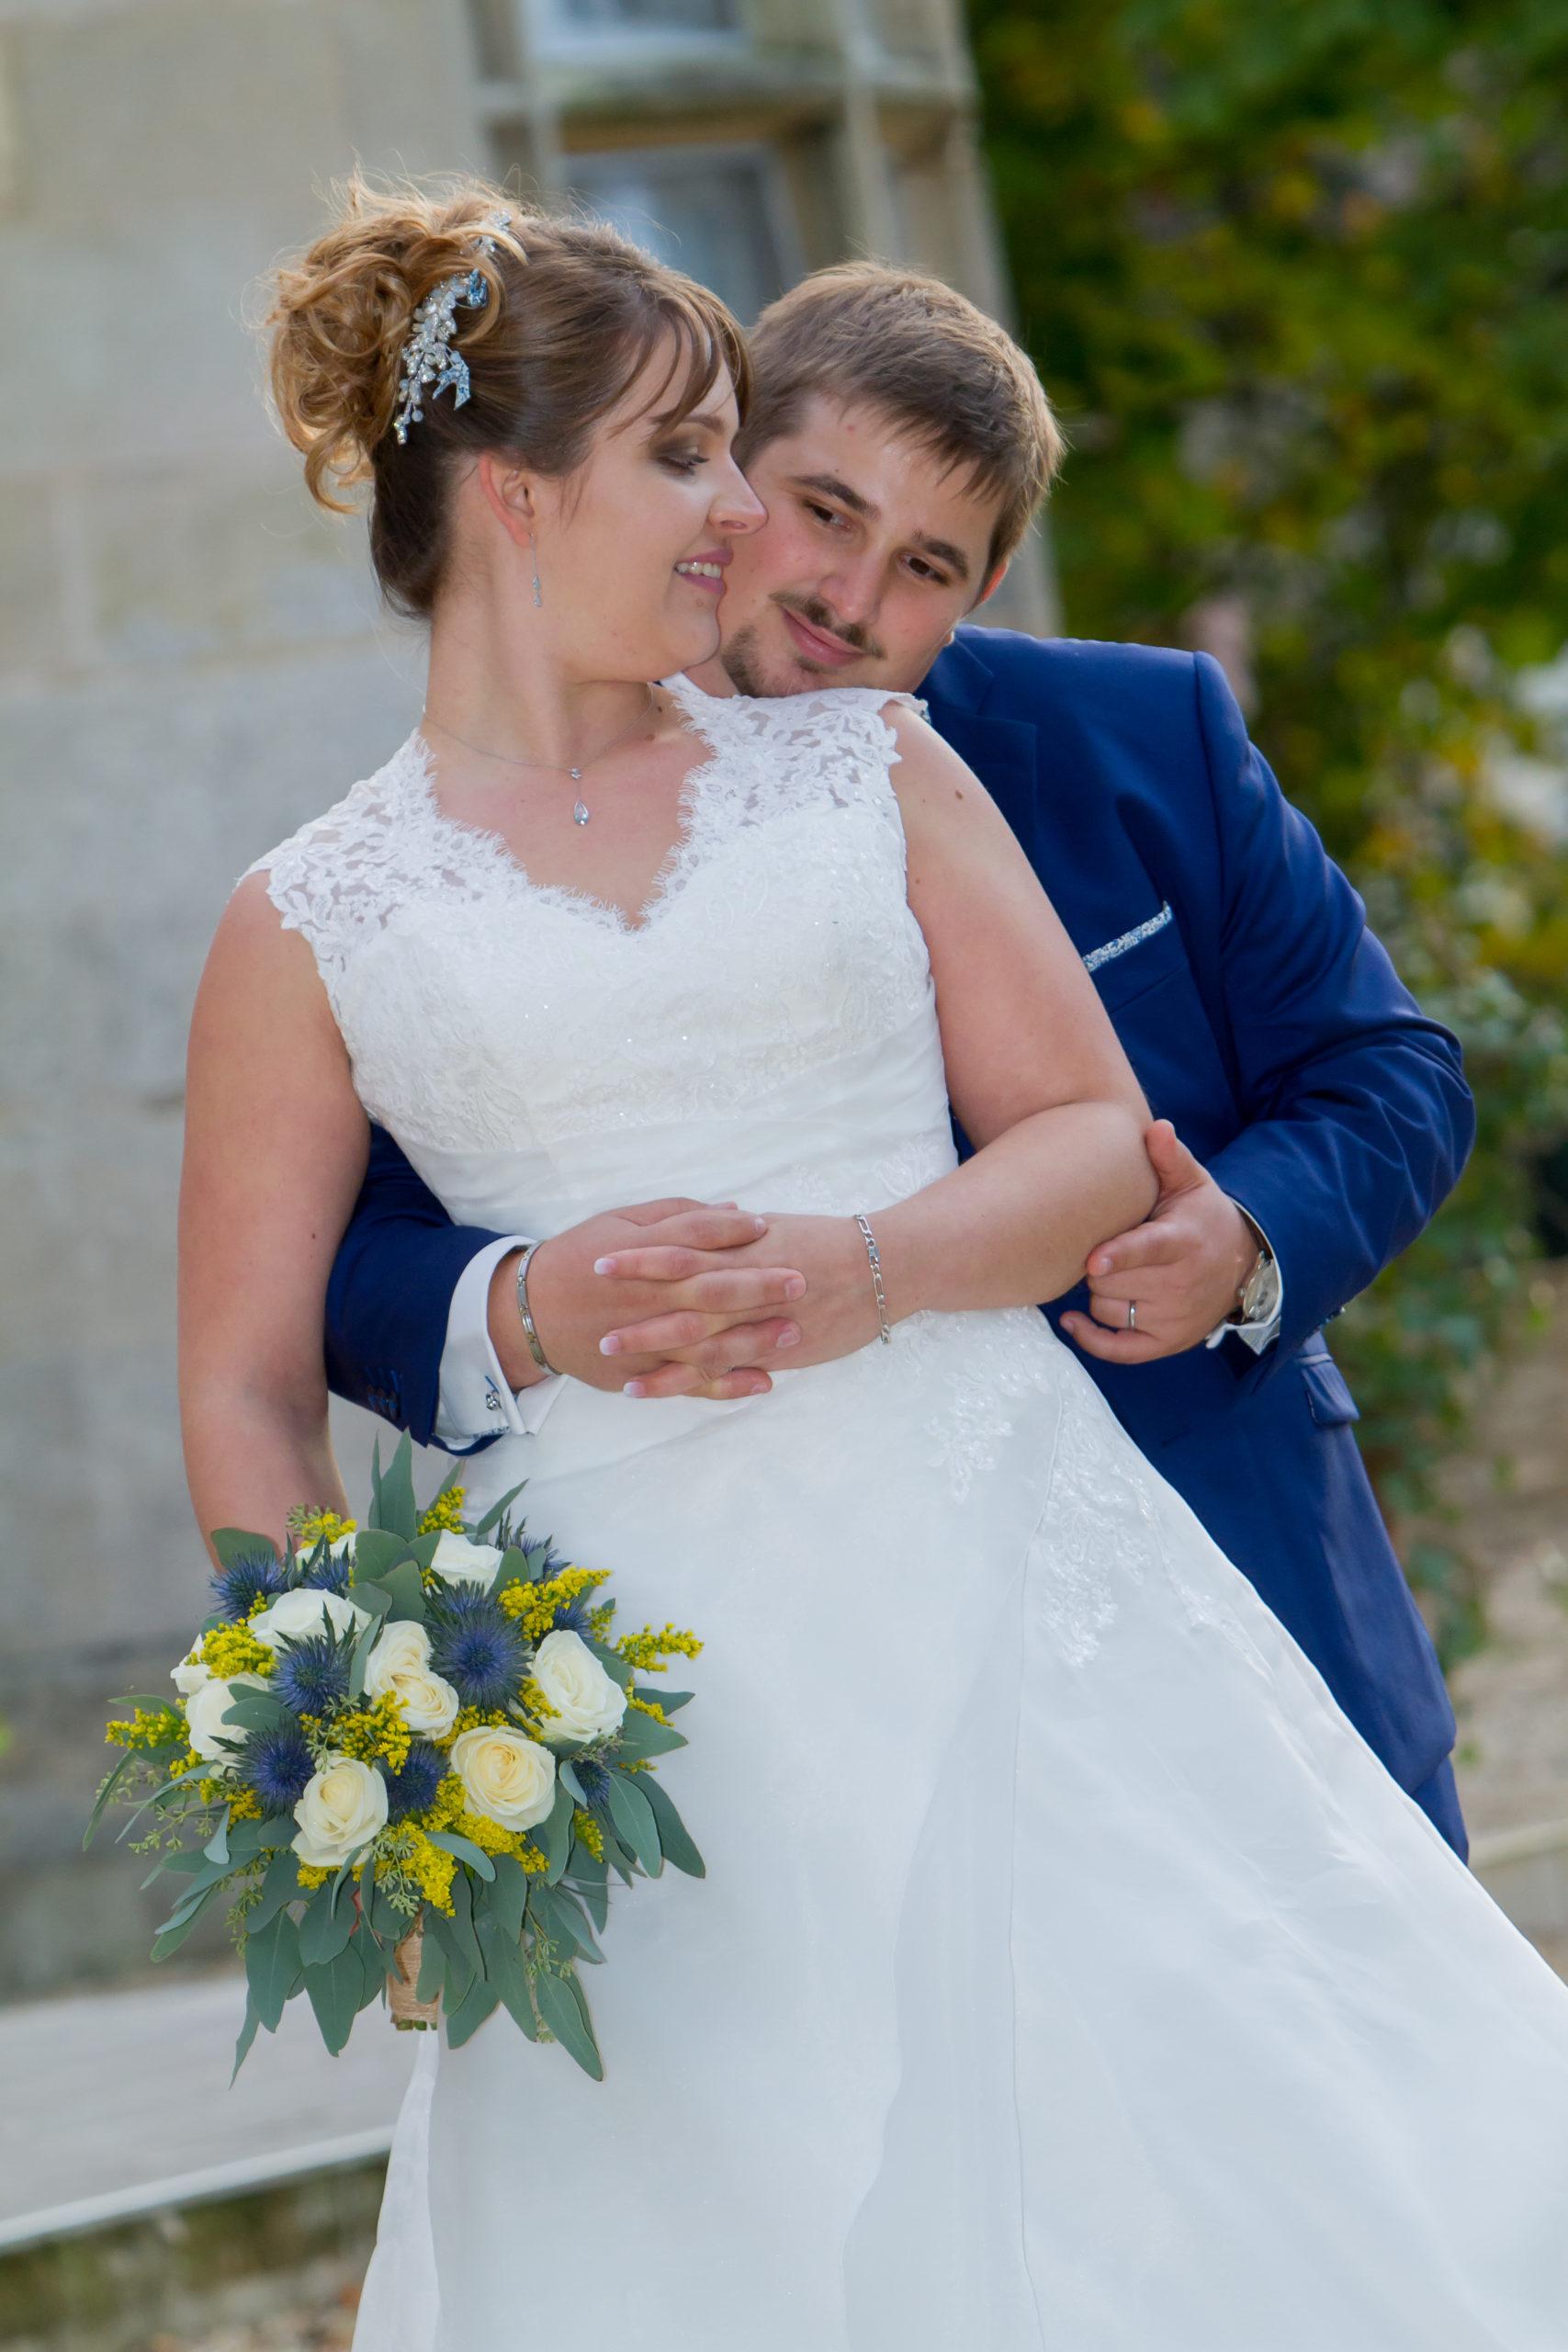 Mariage A&J - C&D Events Wedding planner Oise et Paris